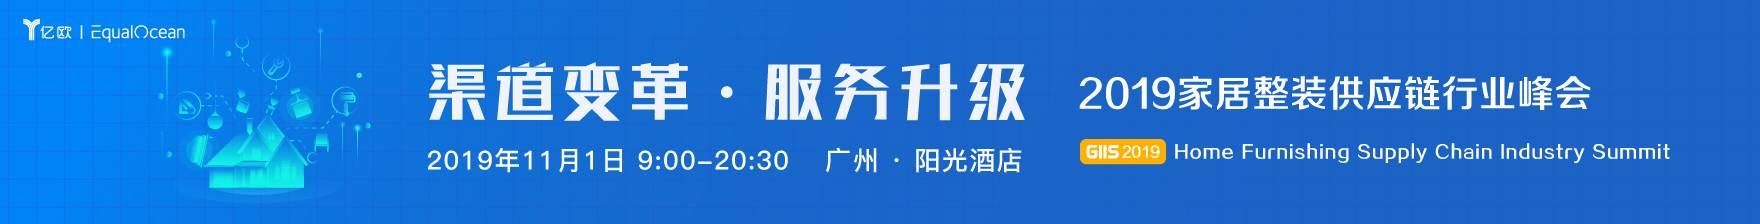 """""""渠道变革·服务升级""""GIIS 2019家居整装供应链行业峰会"""